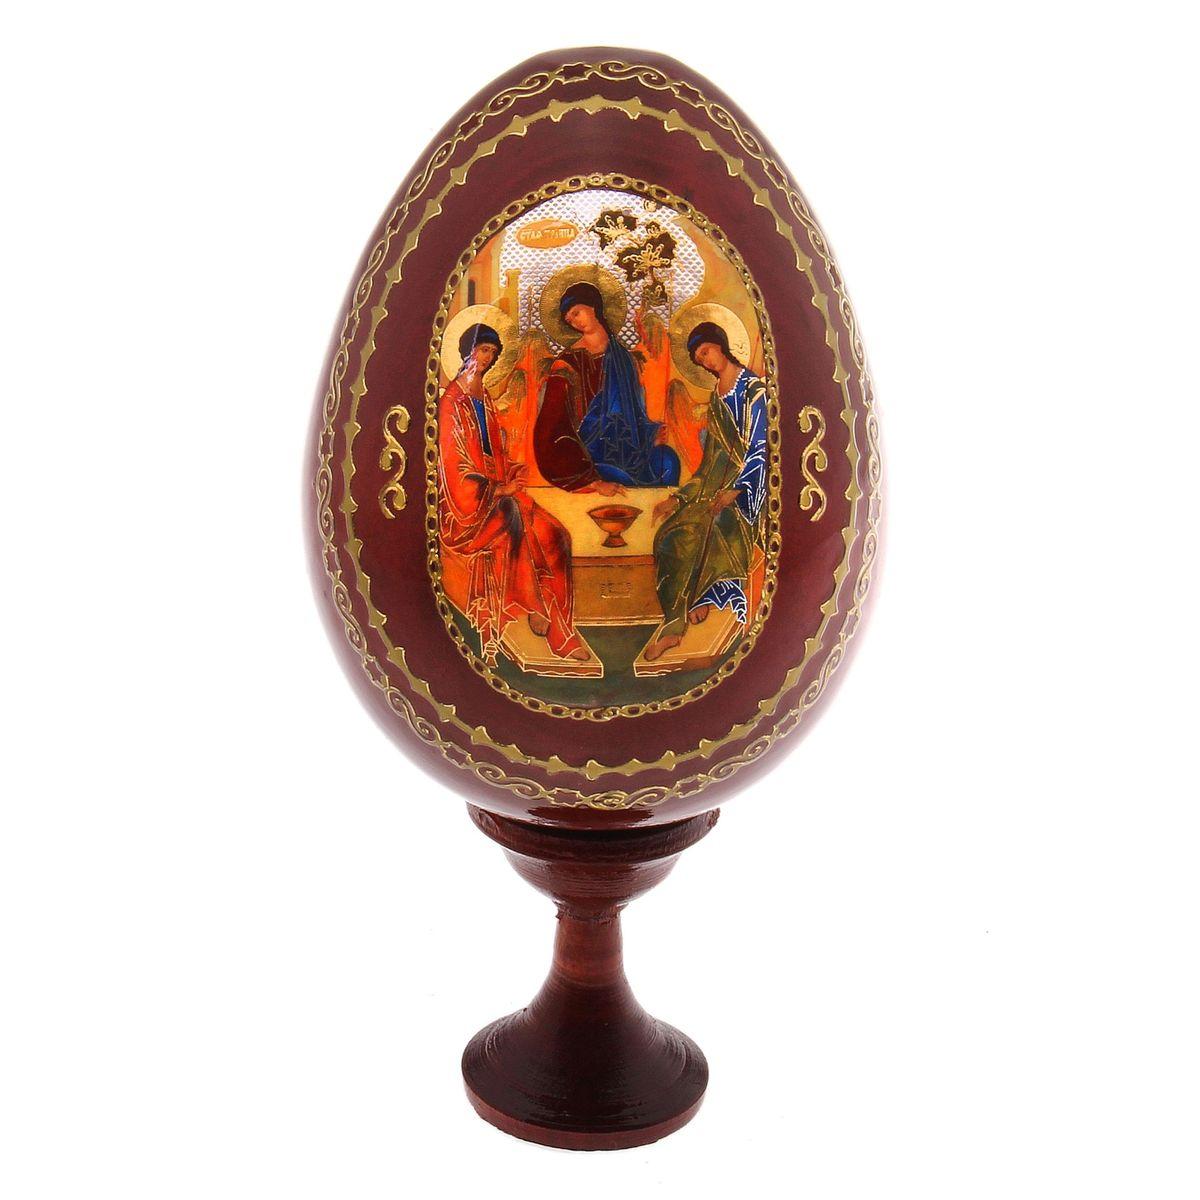 Яйцо декоративное Sima-land Троица, на подставке, высота 14,5 см691111Декоративное яйцо Sima-land Троица изготовлено из дерева с лаковым покрытием. Яйцо оформлено изображением Святой Троицы и золотыми узорами. Изделие располагается на деревянной подставке. Декоративное яйцо Sima-land Троица принесет в ваш дом ощущение торжества, душевного уюта и станет идеальным подарком на Пасху. Диаметр яйца: 7,5 см. Высота яйца: 10,5 см. Размер подставки: 3,2 см х 3,2 см х 4 см.